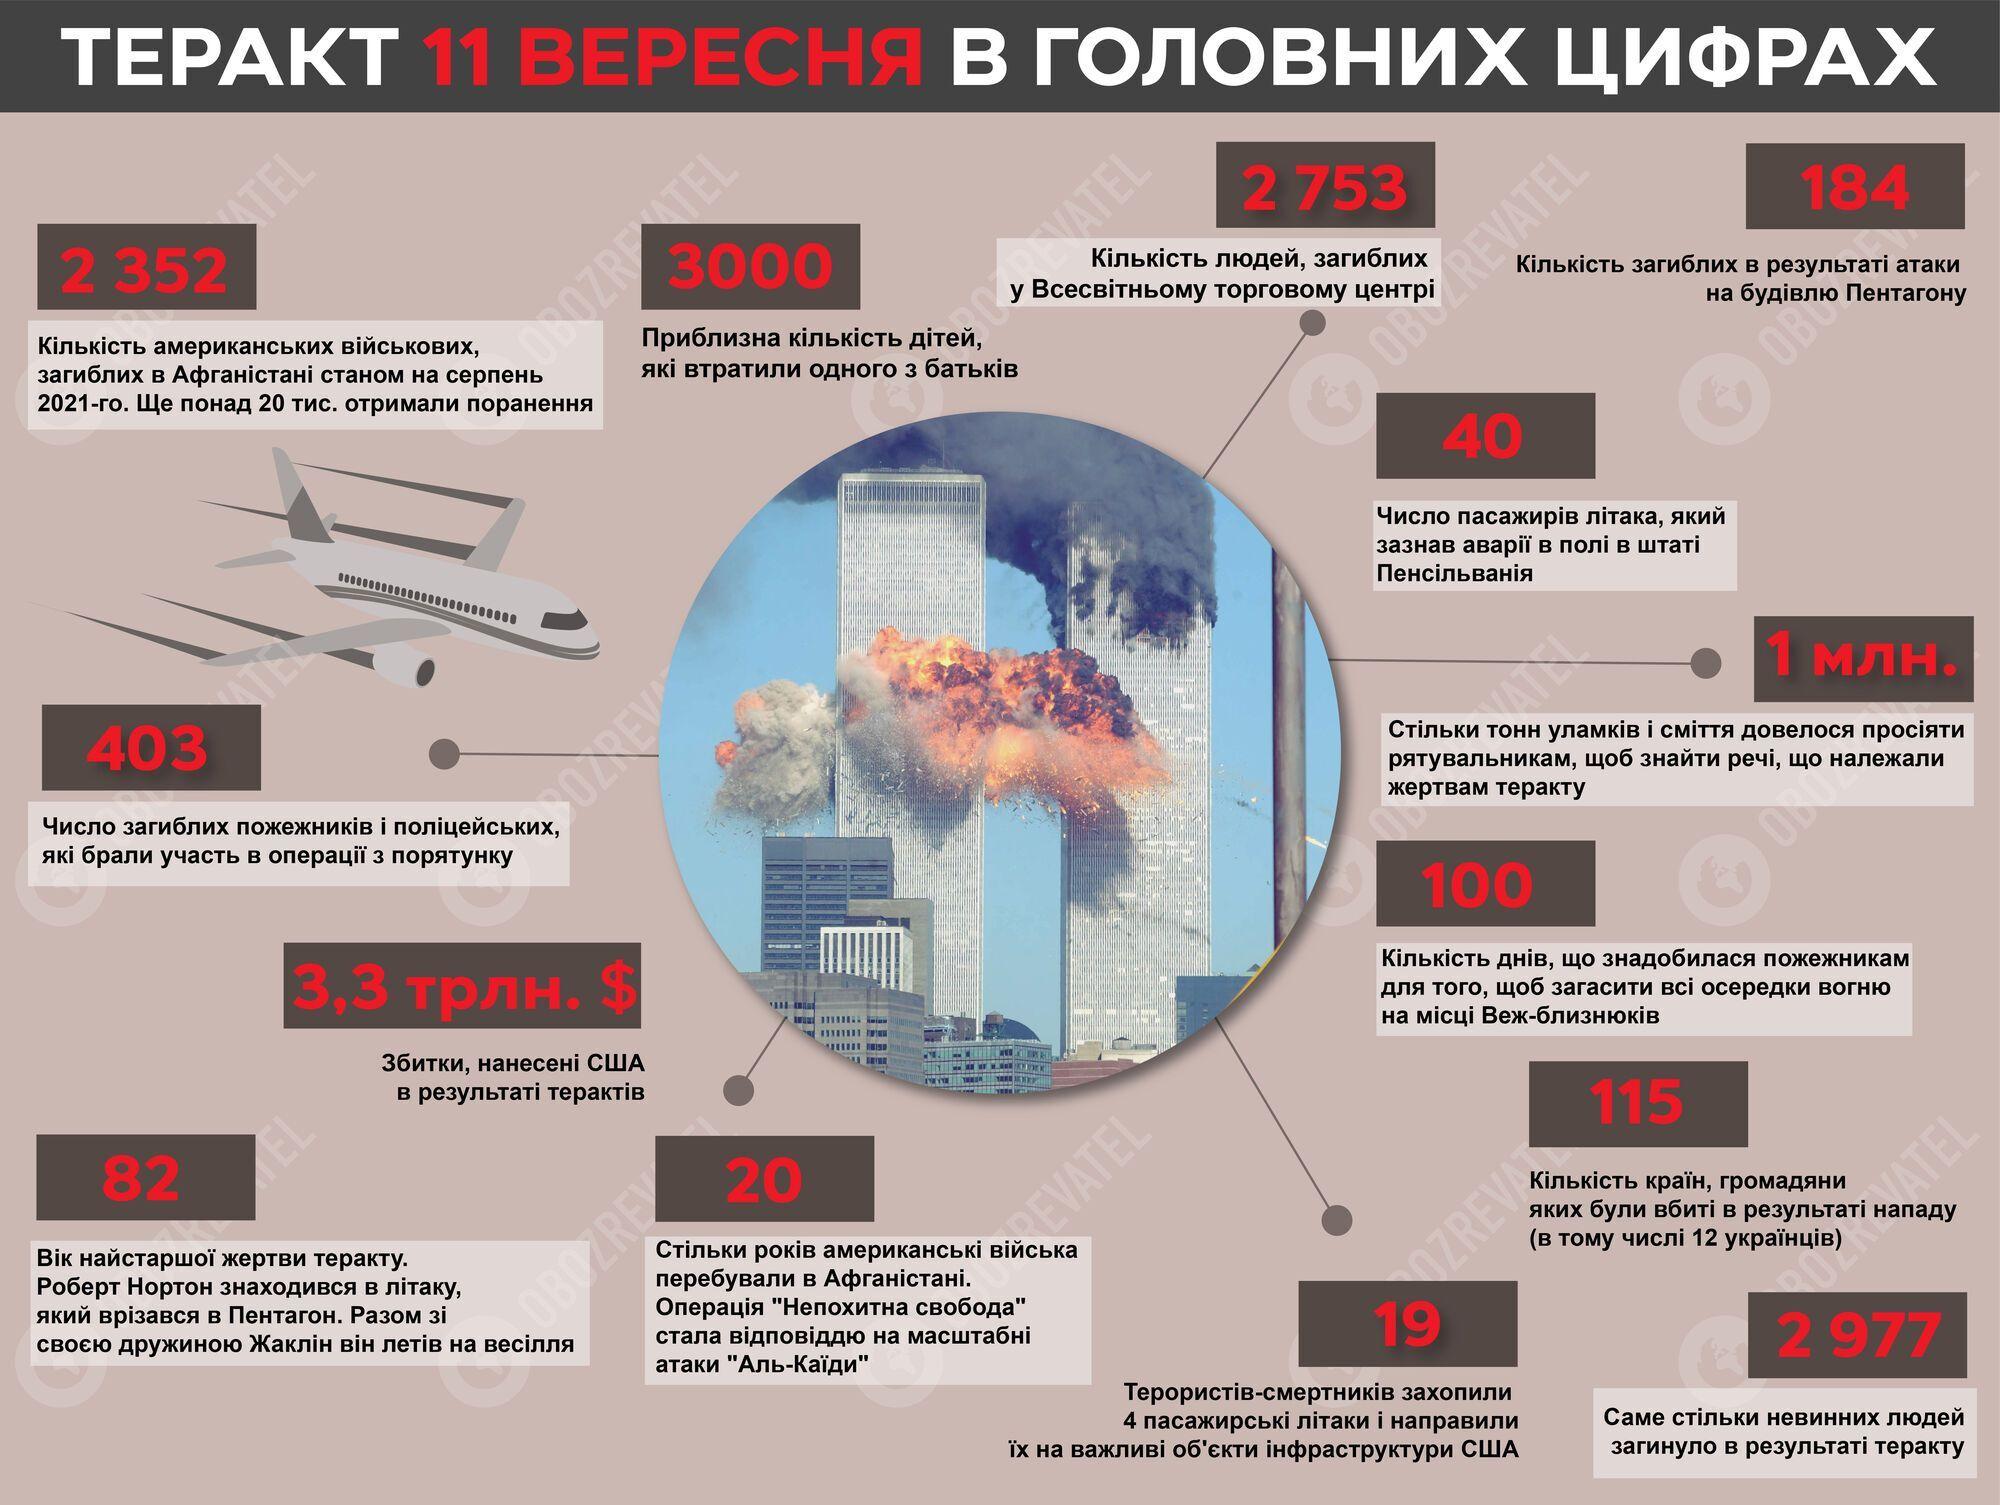 Теракт 9/11 у США.